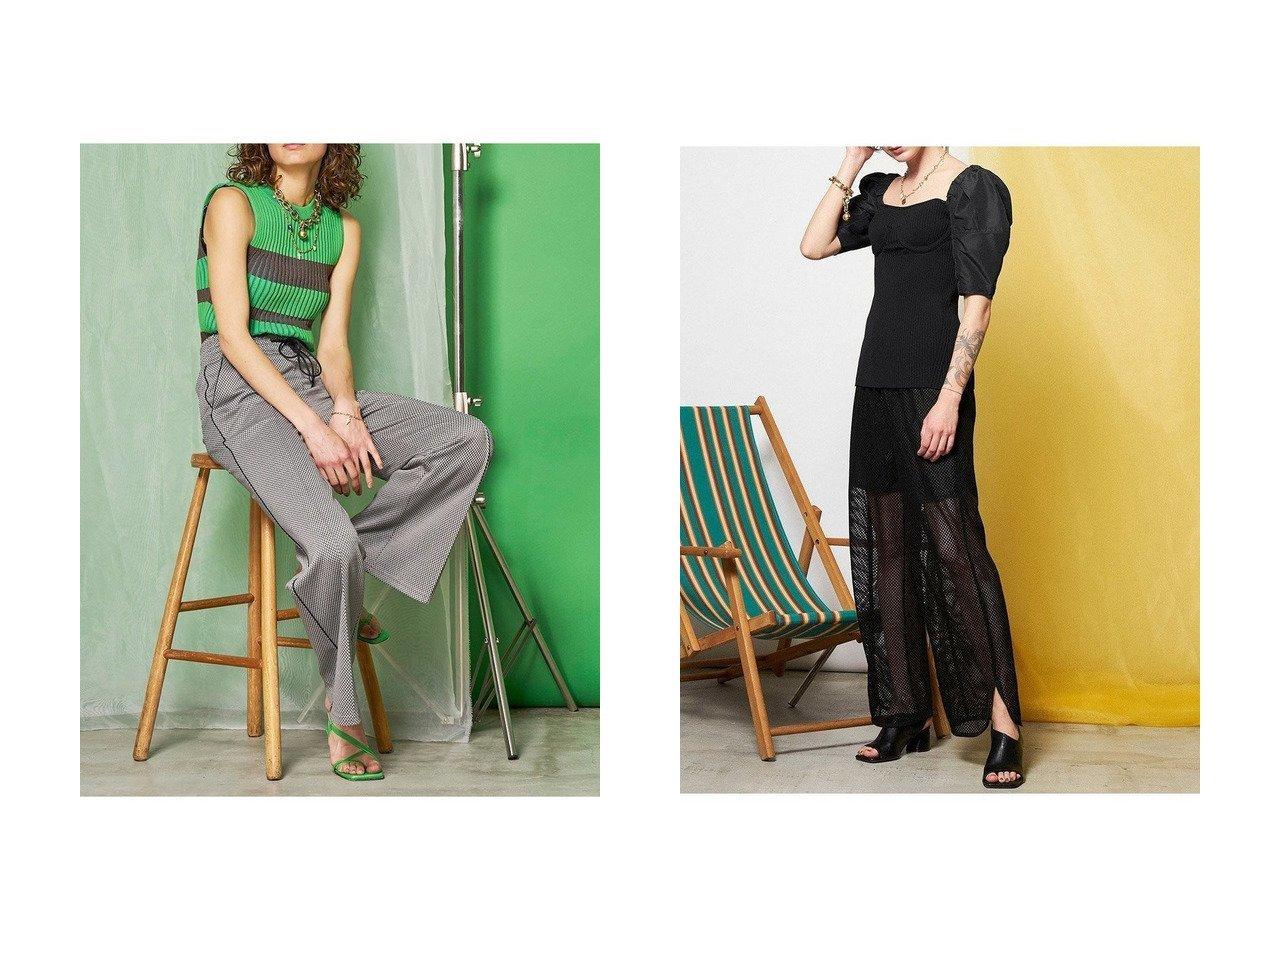 【MAISON SPECIAL/メゾンスペシャル】のアメスリニットトップス&パフスリーブニットトップス 【トップス・カットソー】おすすめ!人気、トレンド・レディースファッションの通販  おすすめで人気の流行・トレンド、ファッションの通販商品 インテリア・家具・メンズファッション・キッズファッション・レディースファッション・服の通販 founy(ファニー) https://founy.com/ ファッション Fashion レディースファッション WOMEN トップス・カットソー Tops/Tshirt ニット Knit Tops プルオーバー Pullover ガーリー シャンブレー スリーブ リブニット シンプル ストレッチ ボーダー  ID:crp329100000049285